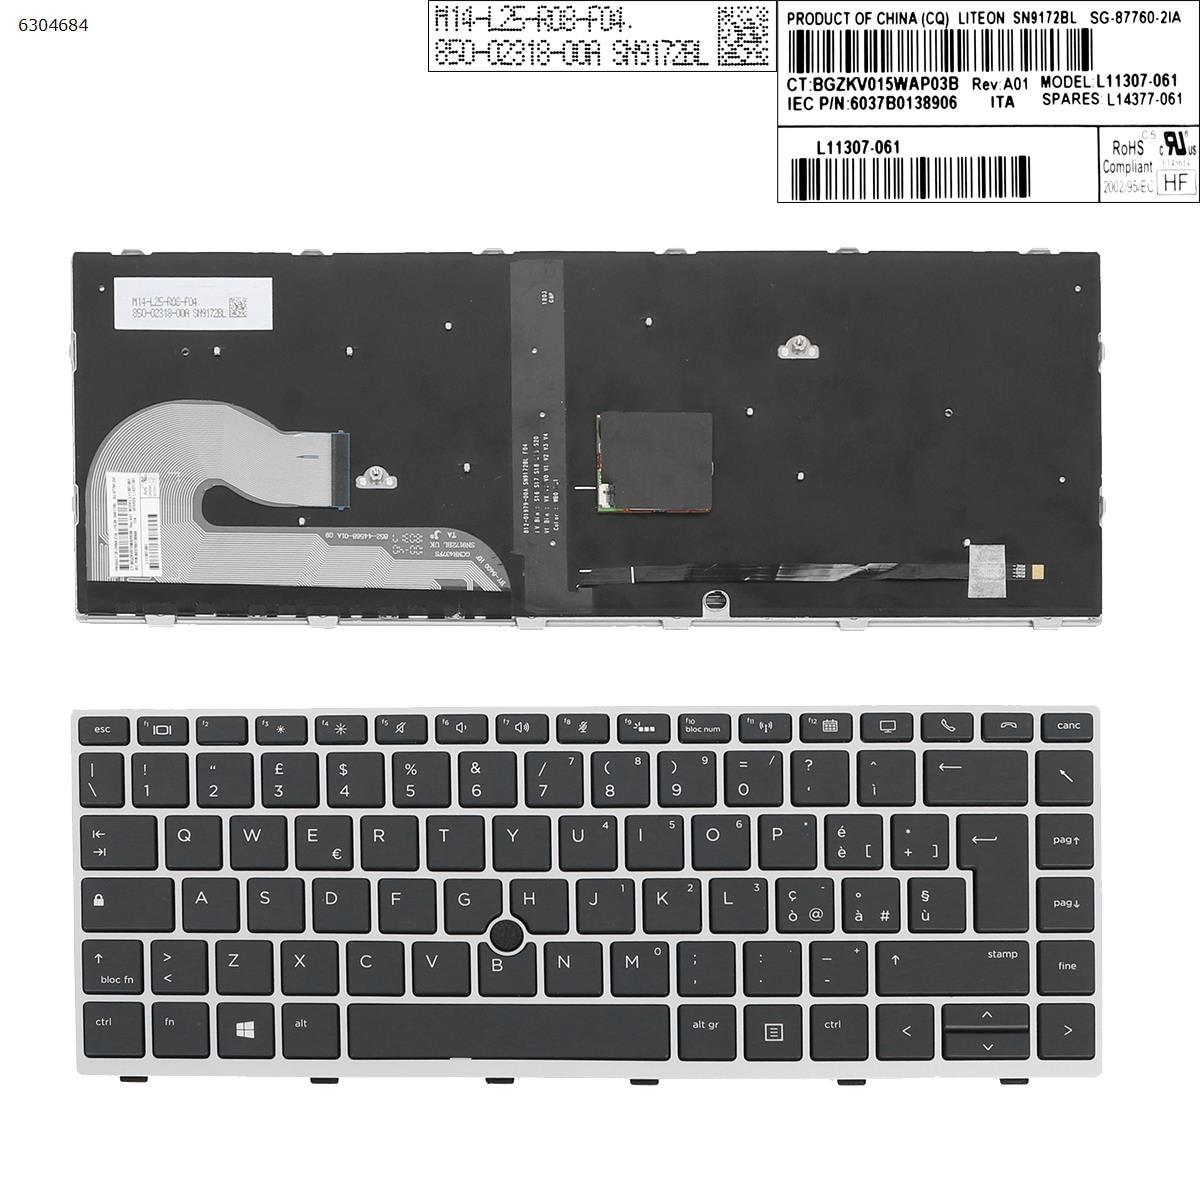 الايطالية تخطيط استبدال جديد لوحة مفاتيح إتش بي EliteBook 840 G5 846 G5 745 G5 المحمول لوحة مفاتيح بإطار فضي مع الخلفية ومؤشر